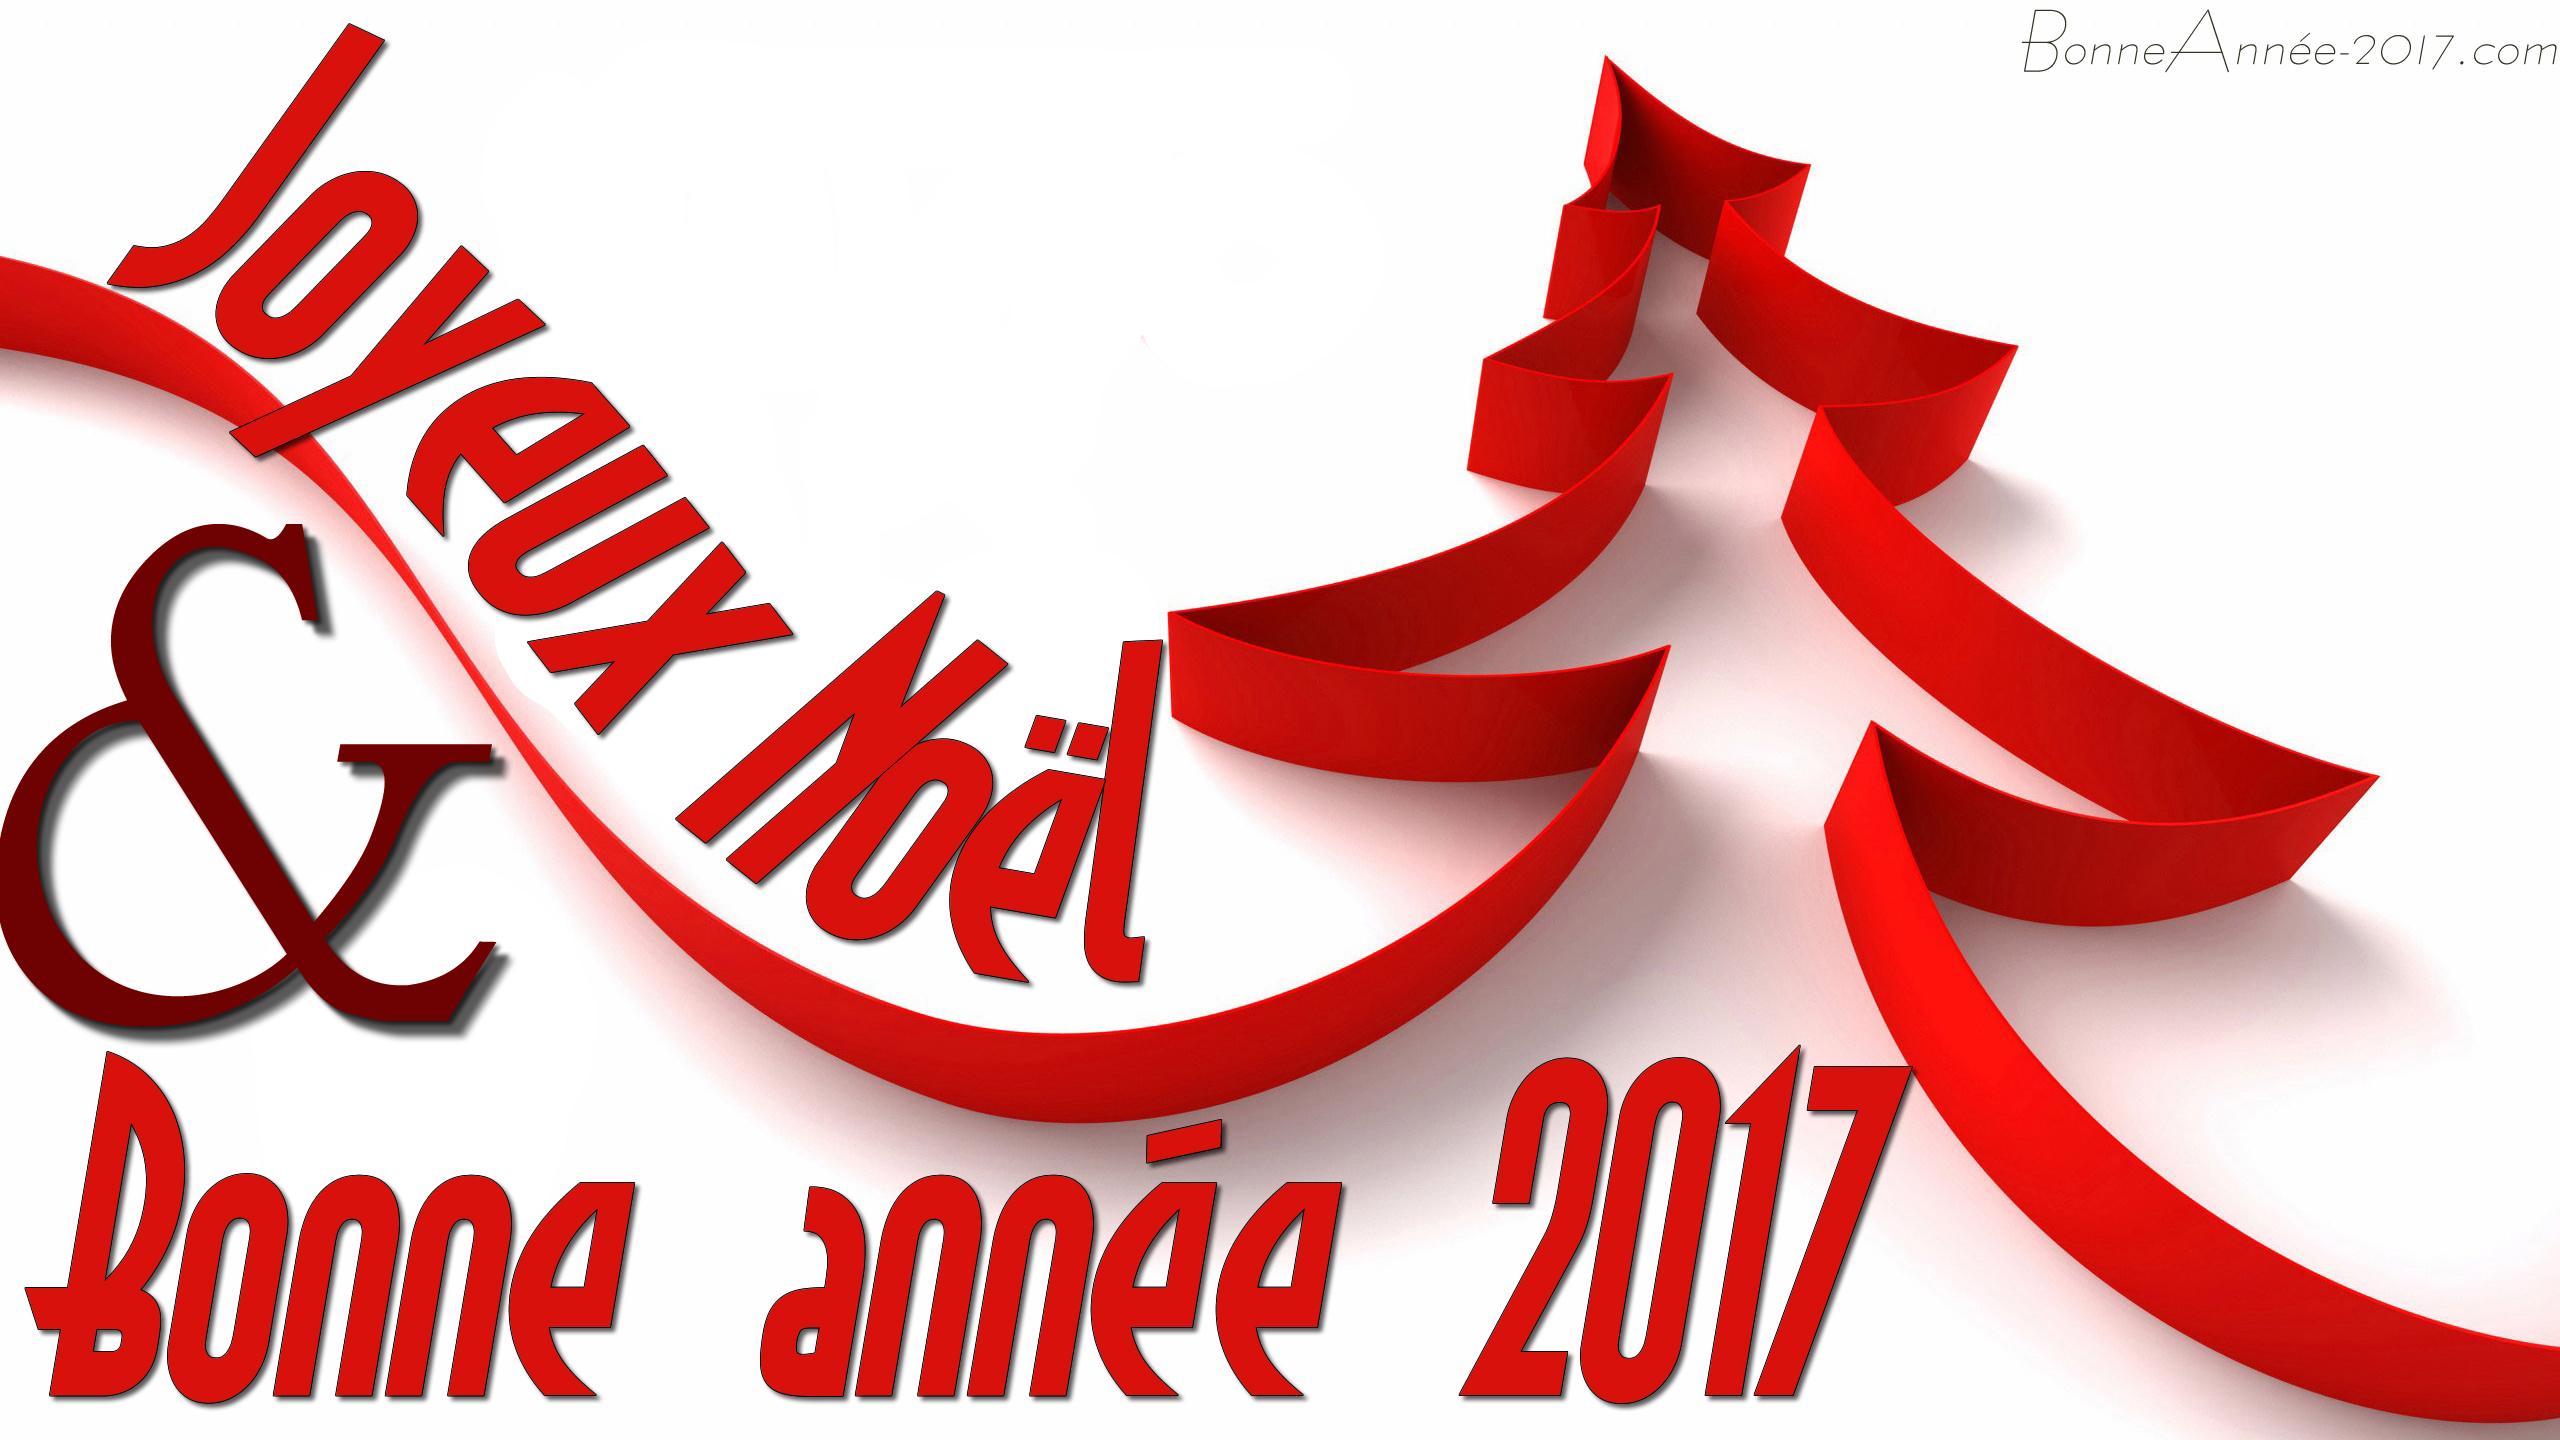 JOYEUX NOEL ET BONNE ANNEE 2017